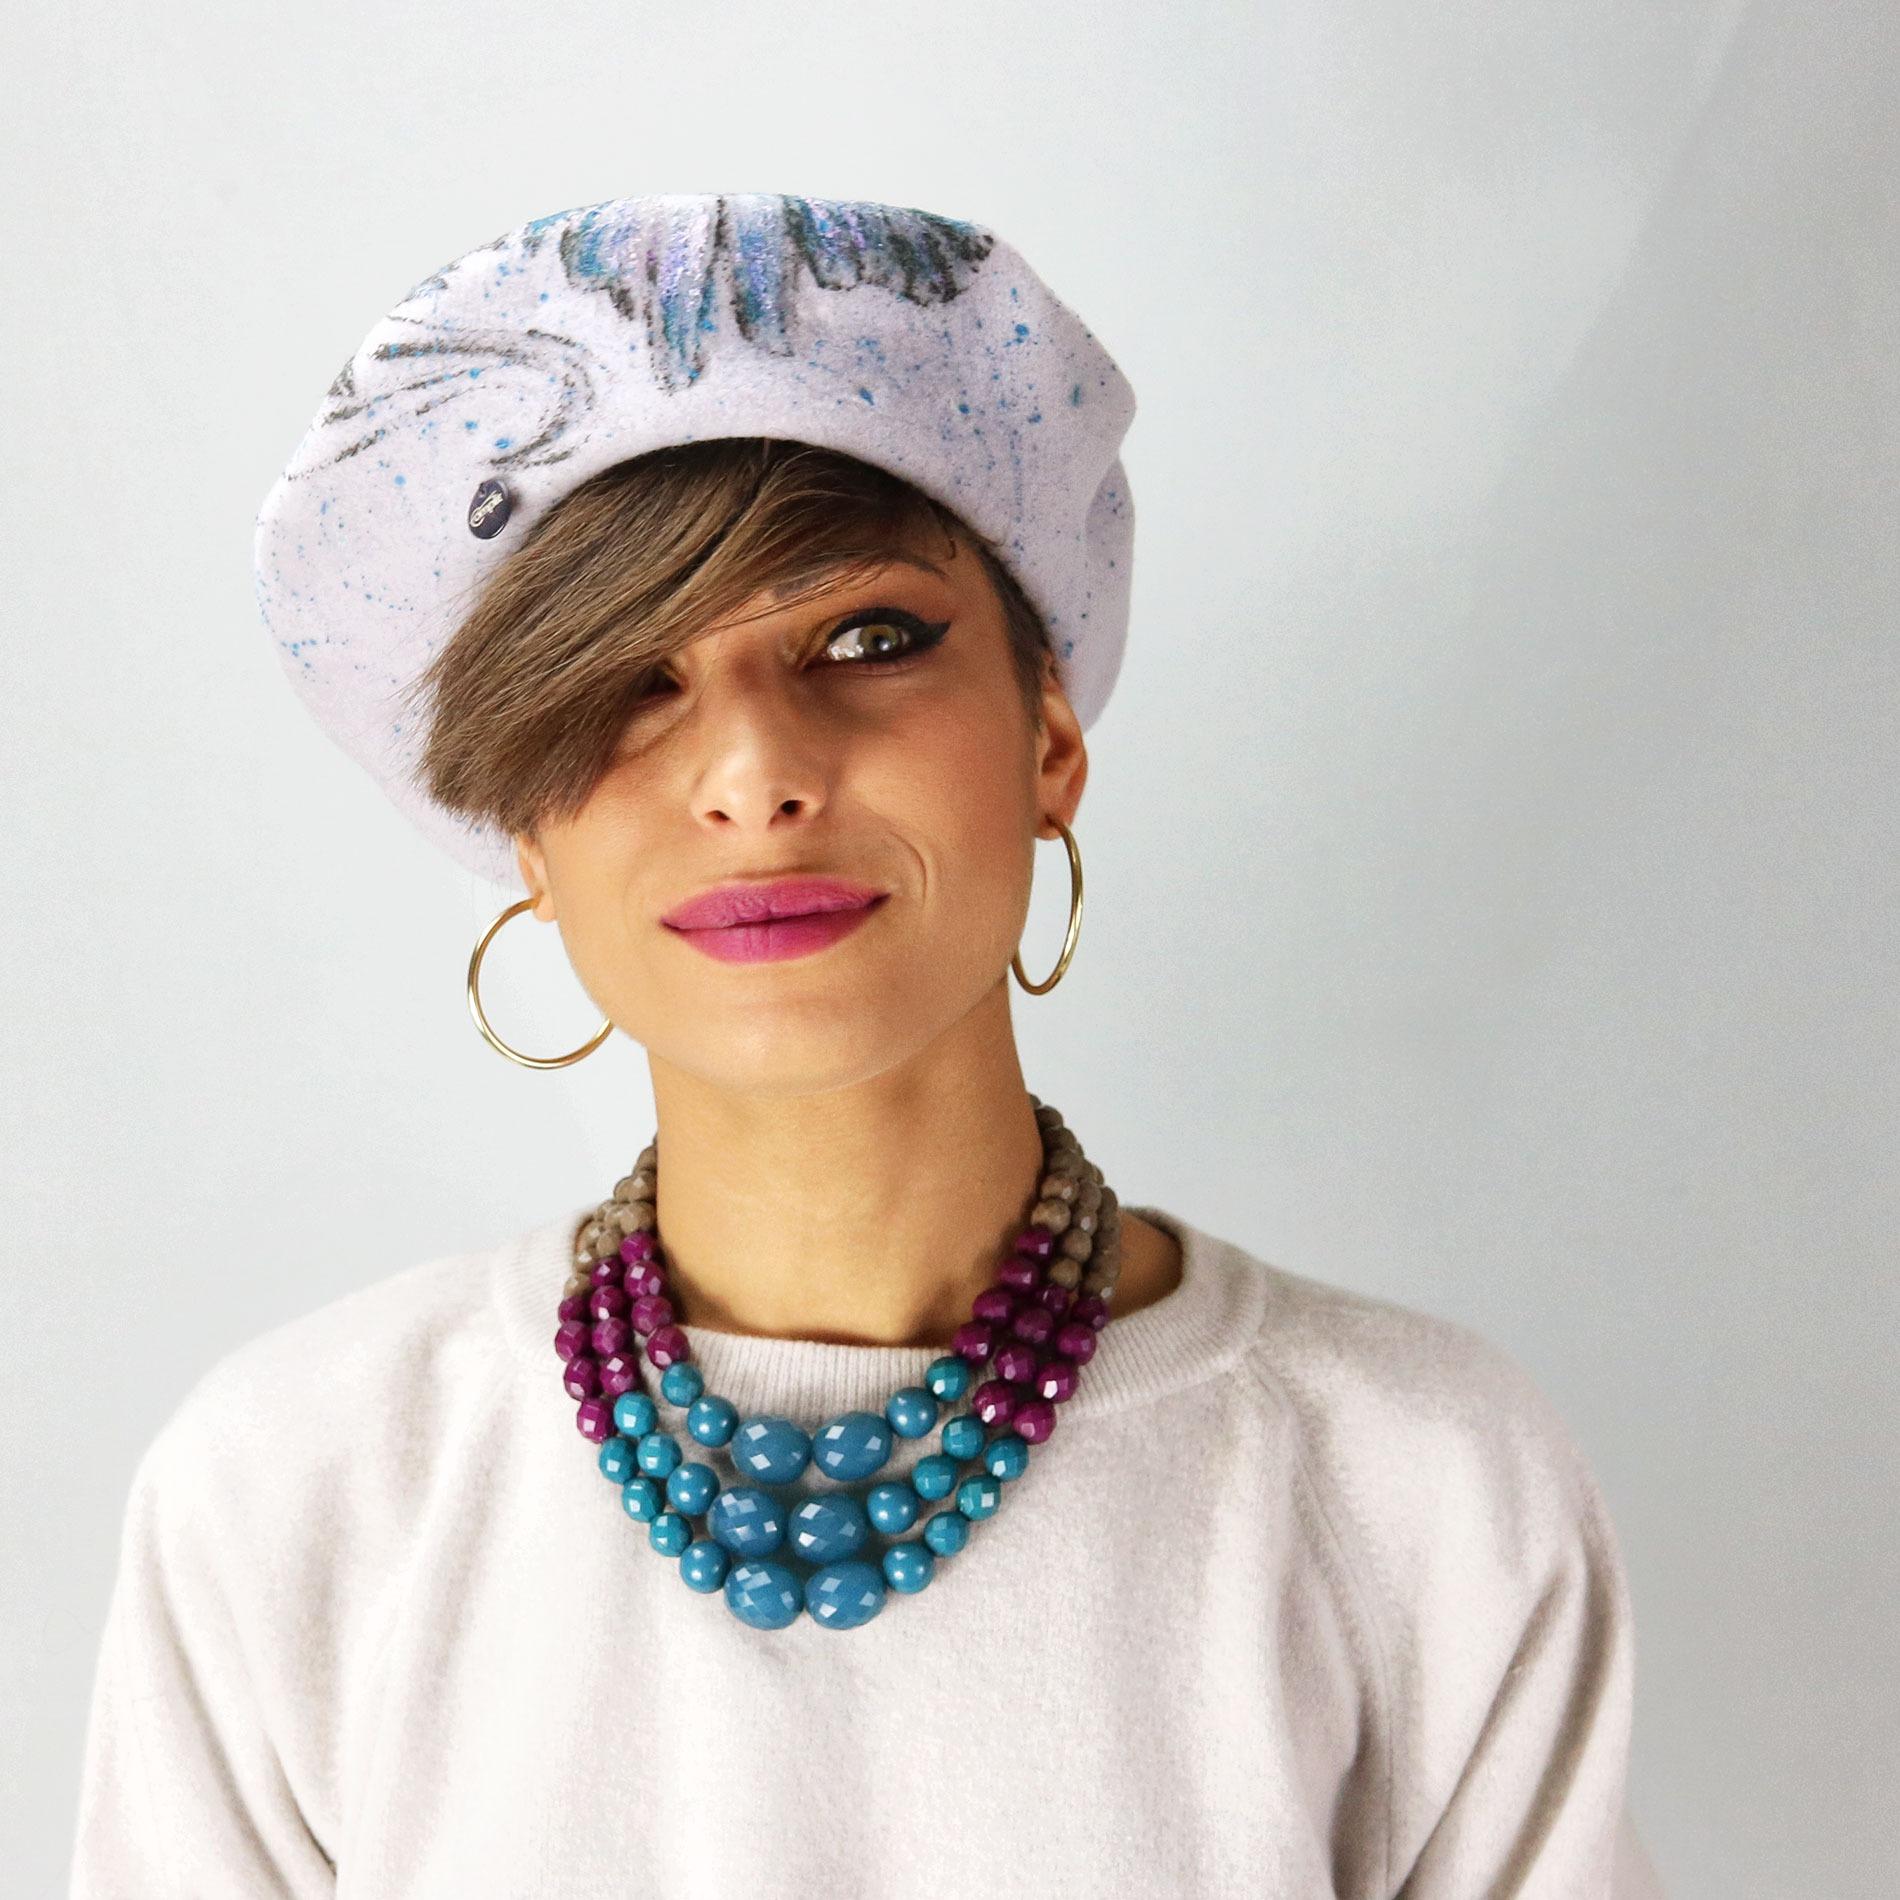 Basco da donna invernale in lana - Modello alla francese 247039417458